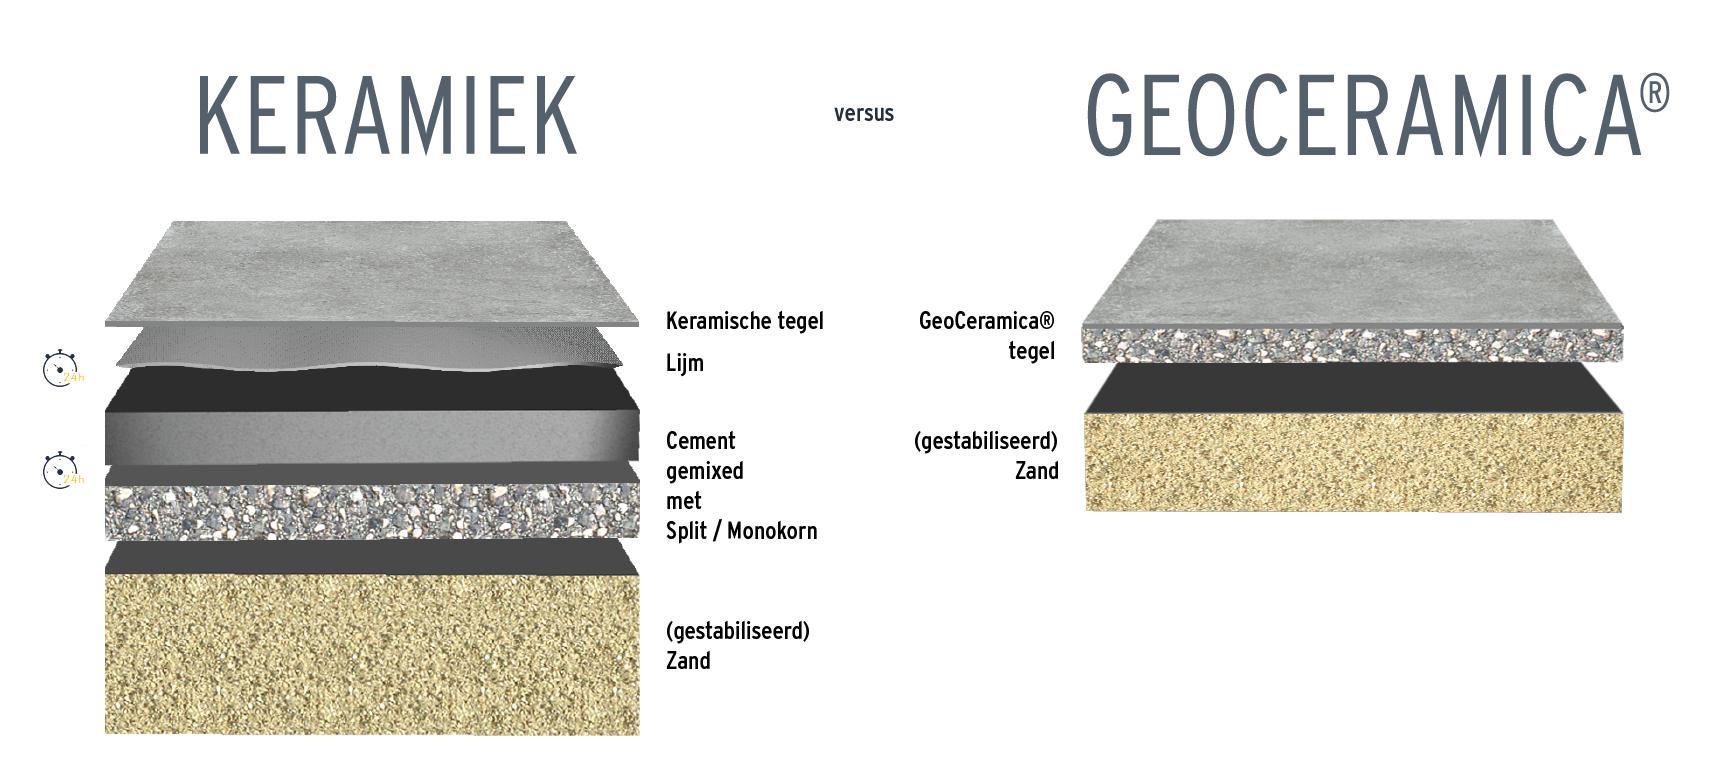 Keramiek vs GeoCeramica®